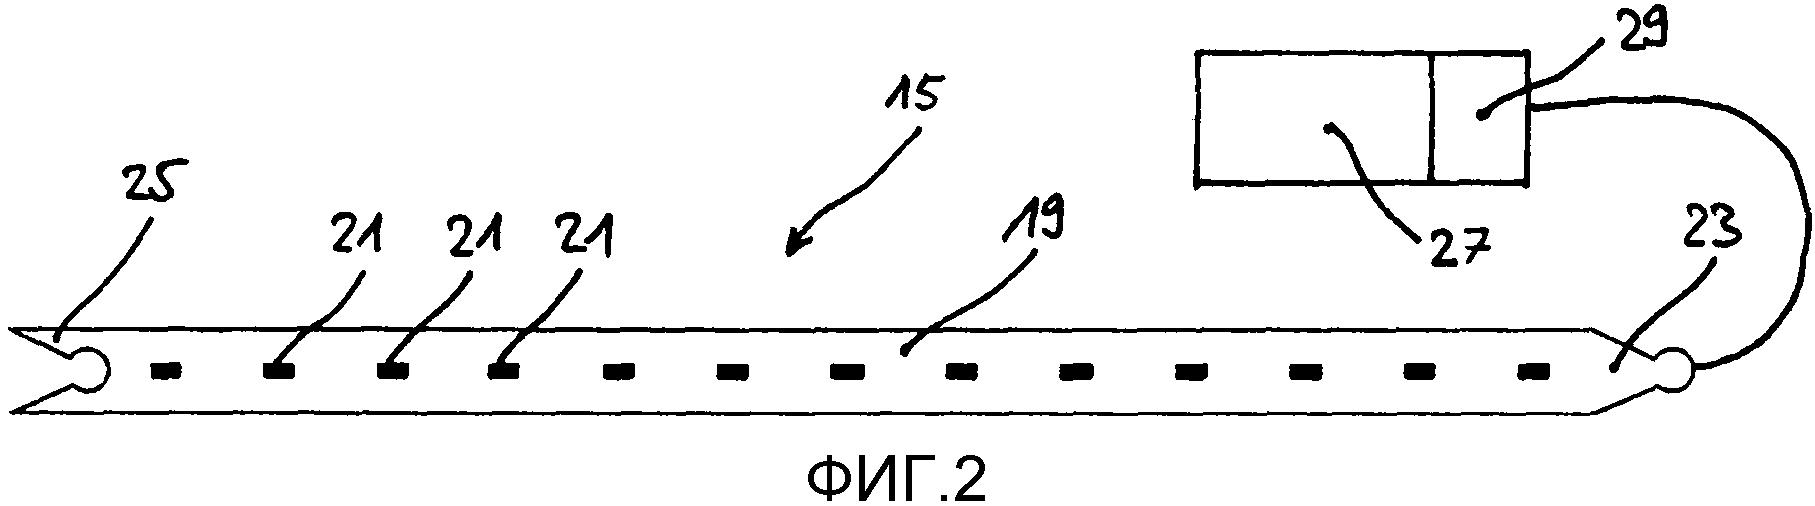 Измерительный стержень